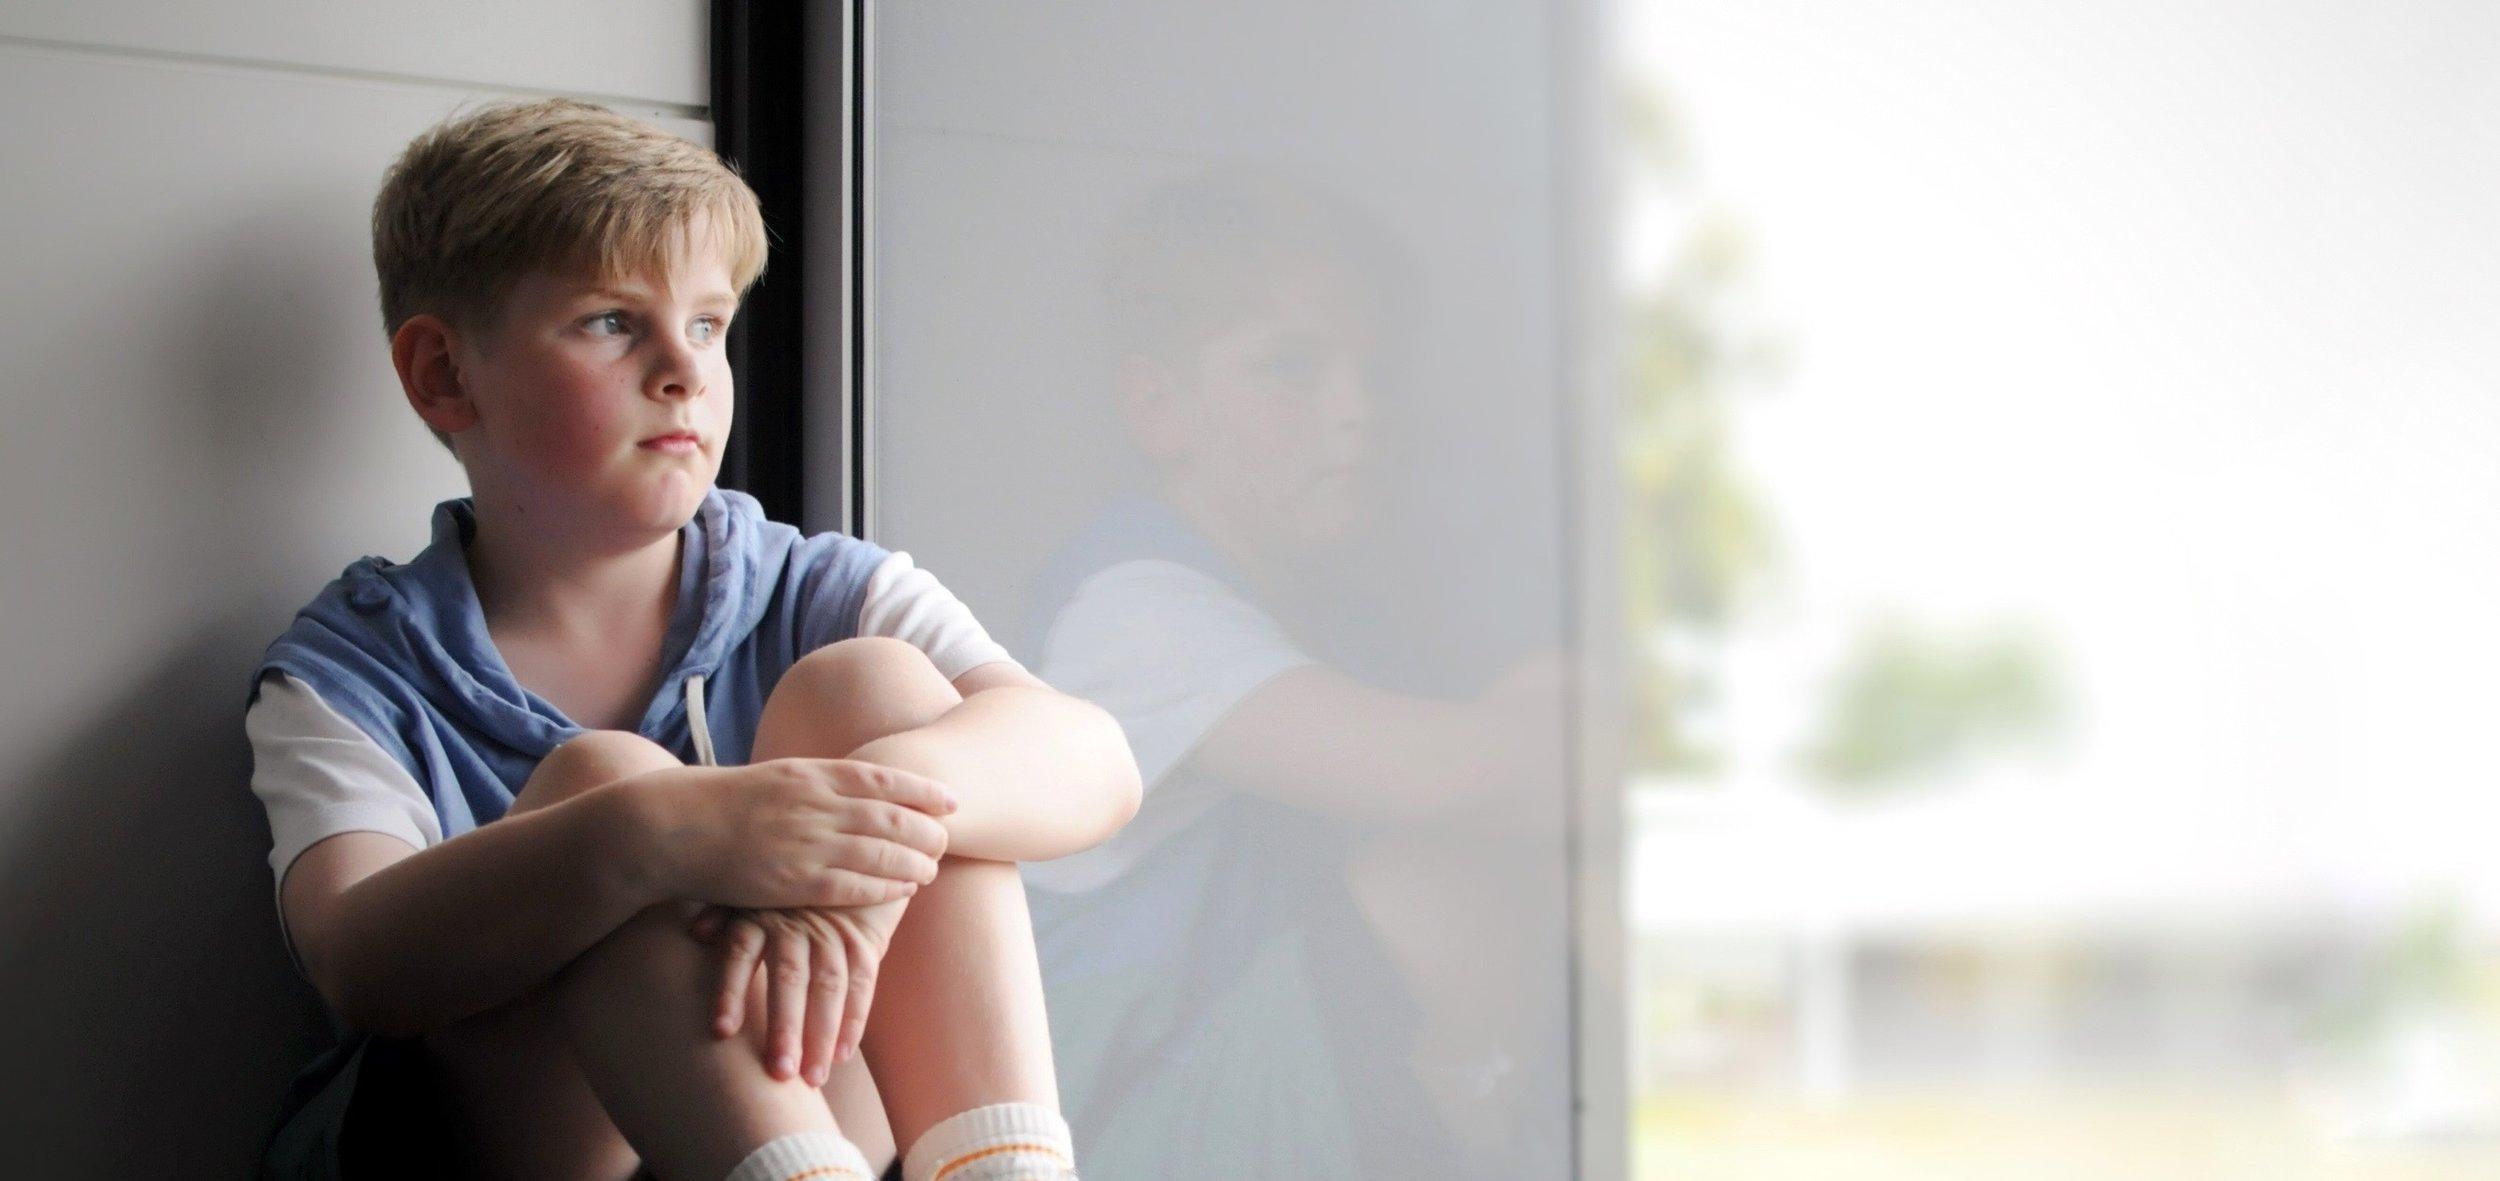 sad_boy_cropped_mirror.jpg